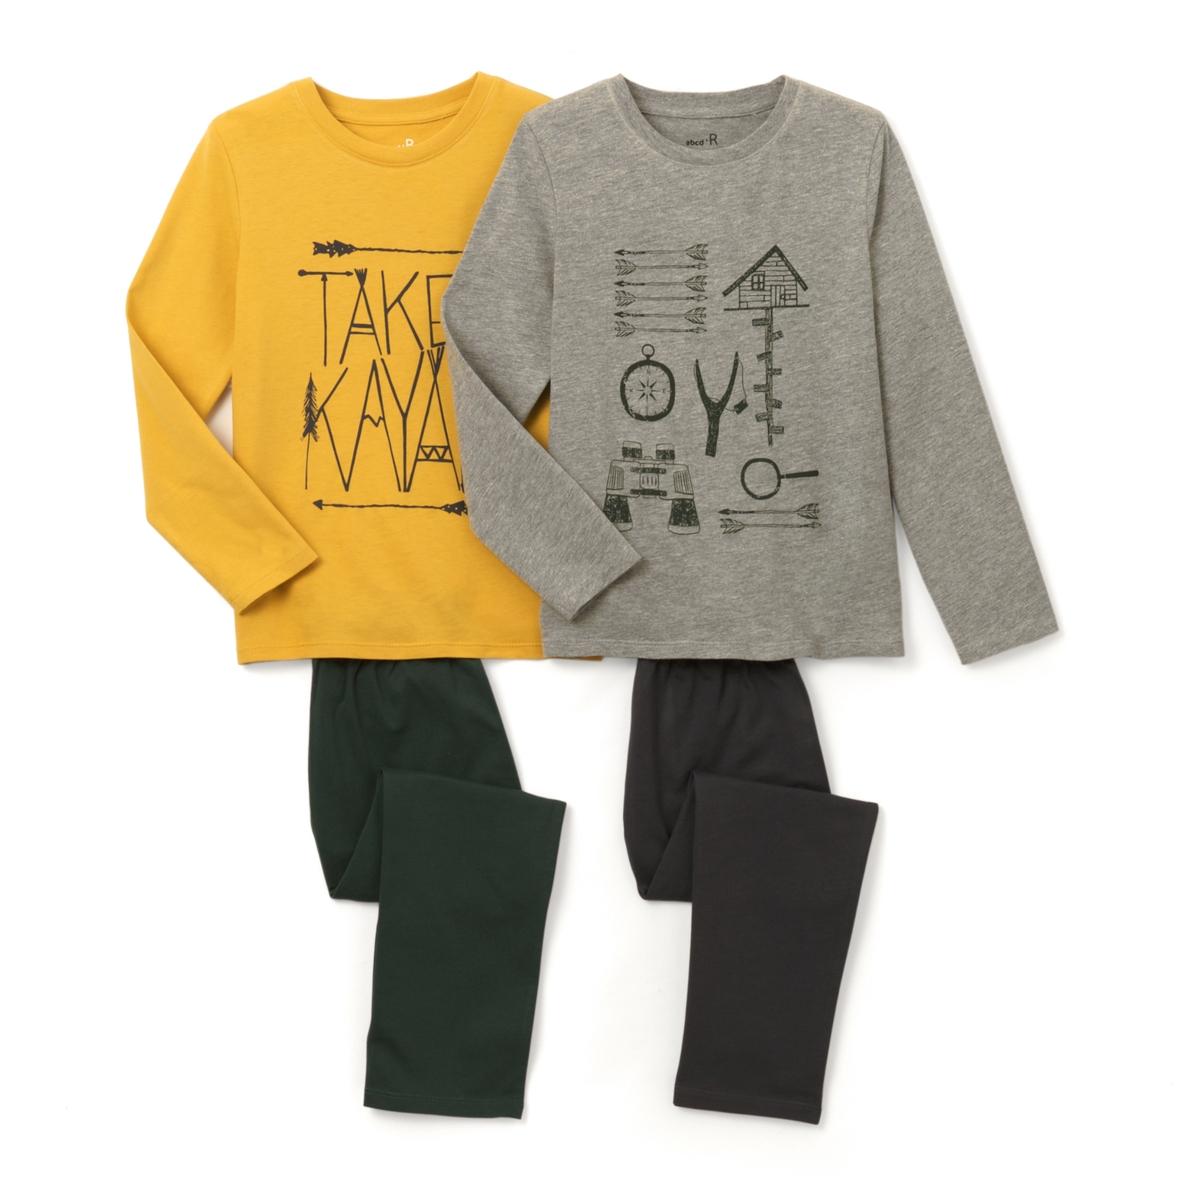 2 пижамы с принтом 2-12 летПижама: футболка с длинными рукавами и брюки. В комплекте 2 пижамы : Футболки с разными рисунками  . Брюки однотонные с эластичными поясами.Состав и описание :    Материал       Джерси 100% хлопок  (кроме цвета серый меланж: преимущественно из хлопка).  Уход: : - Машинная стирка при 30°C с вещами схожих цветов. Стирать, сушить и гладить с изнаночной стороны. Машинная сушка в умеренном режиме. Гладить на низкой температуре.<br><br>Цвет: Желтый + серый<br>Размер: 12 лет -150 см.10 лет - 138 см.8 лет - 126 см.6 лет - 114 см.5 лет - 108 см.4 года - 102 см.3 года - 94 см